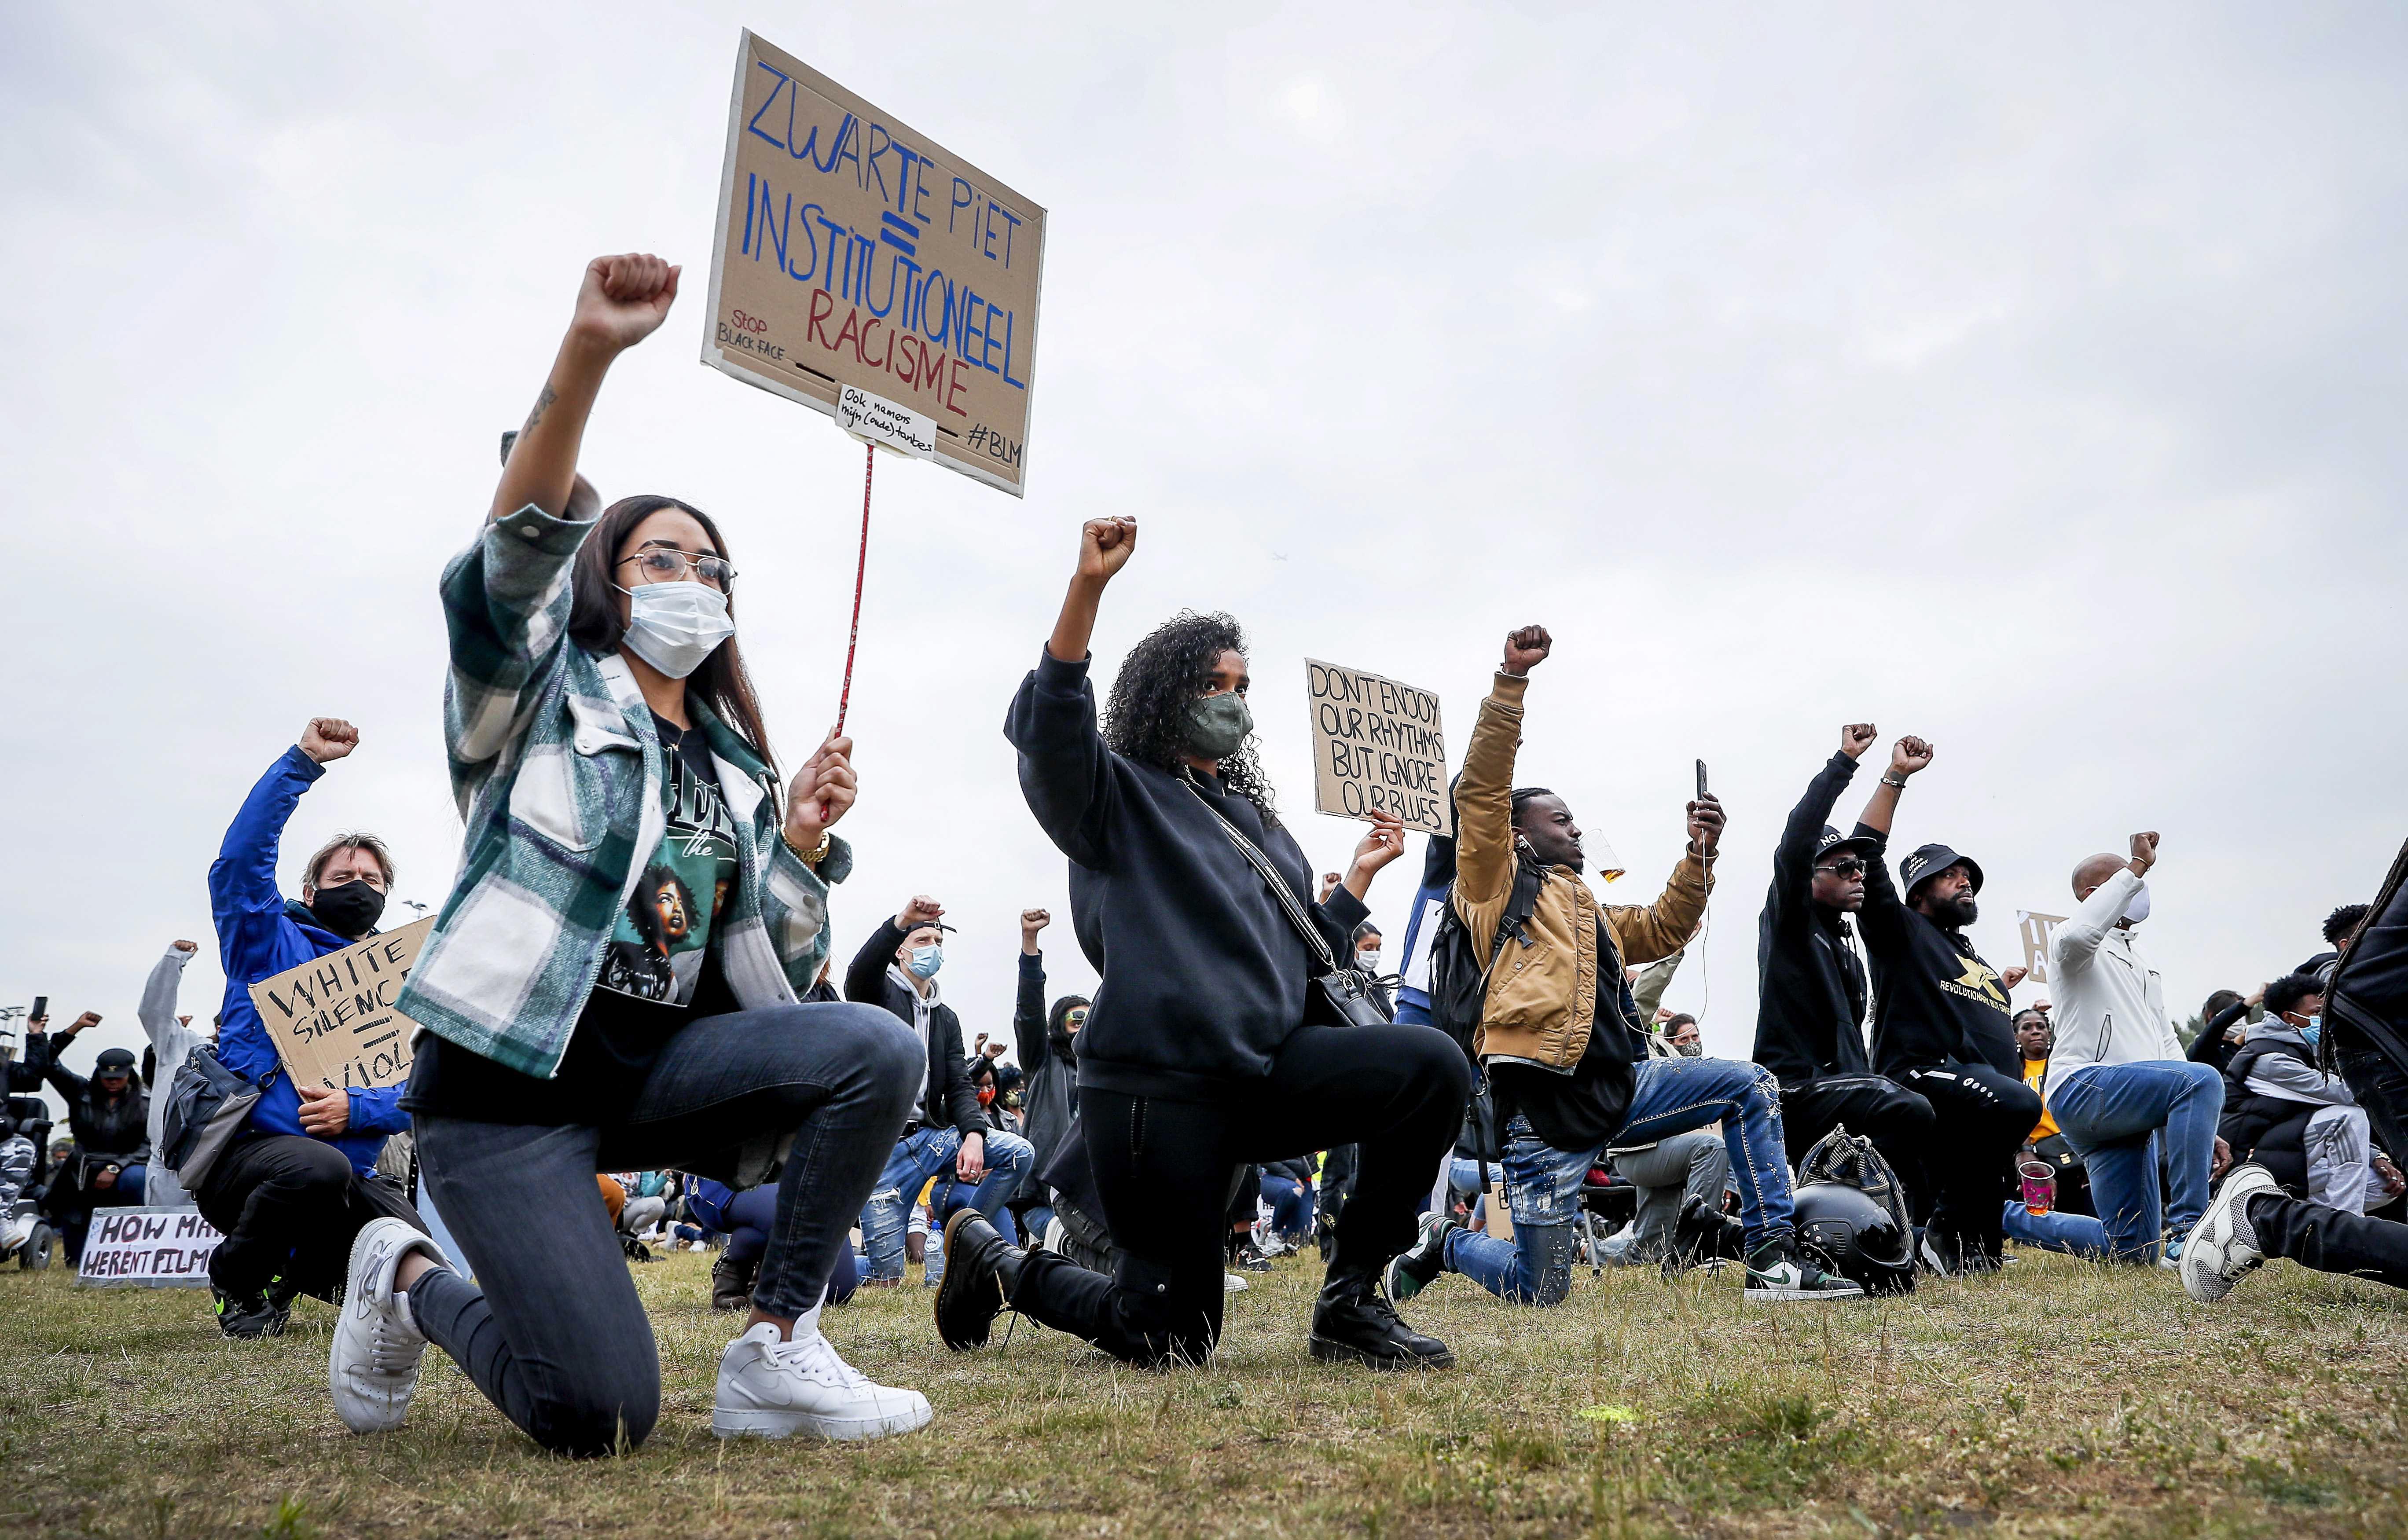 Demonstratie Black Lives Matter moet naar andere plek